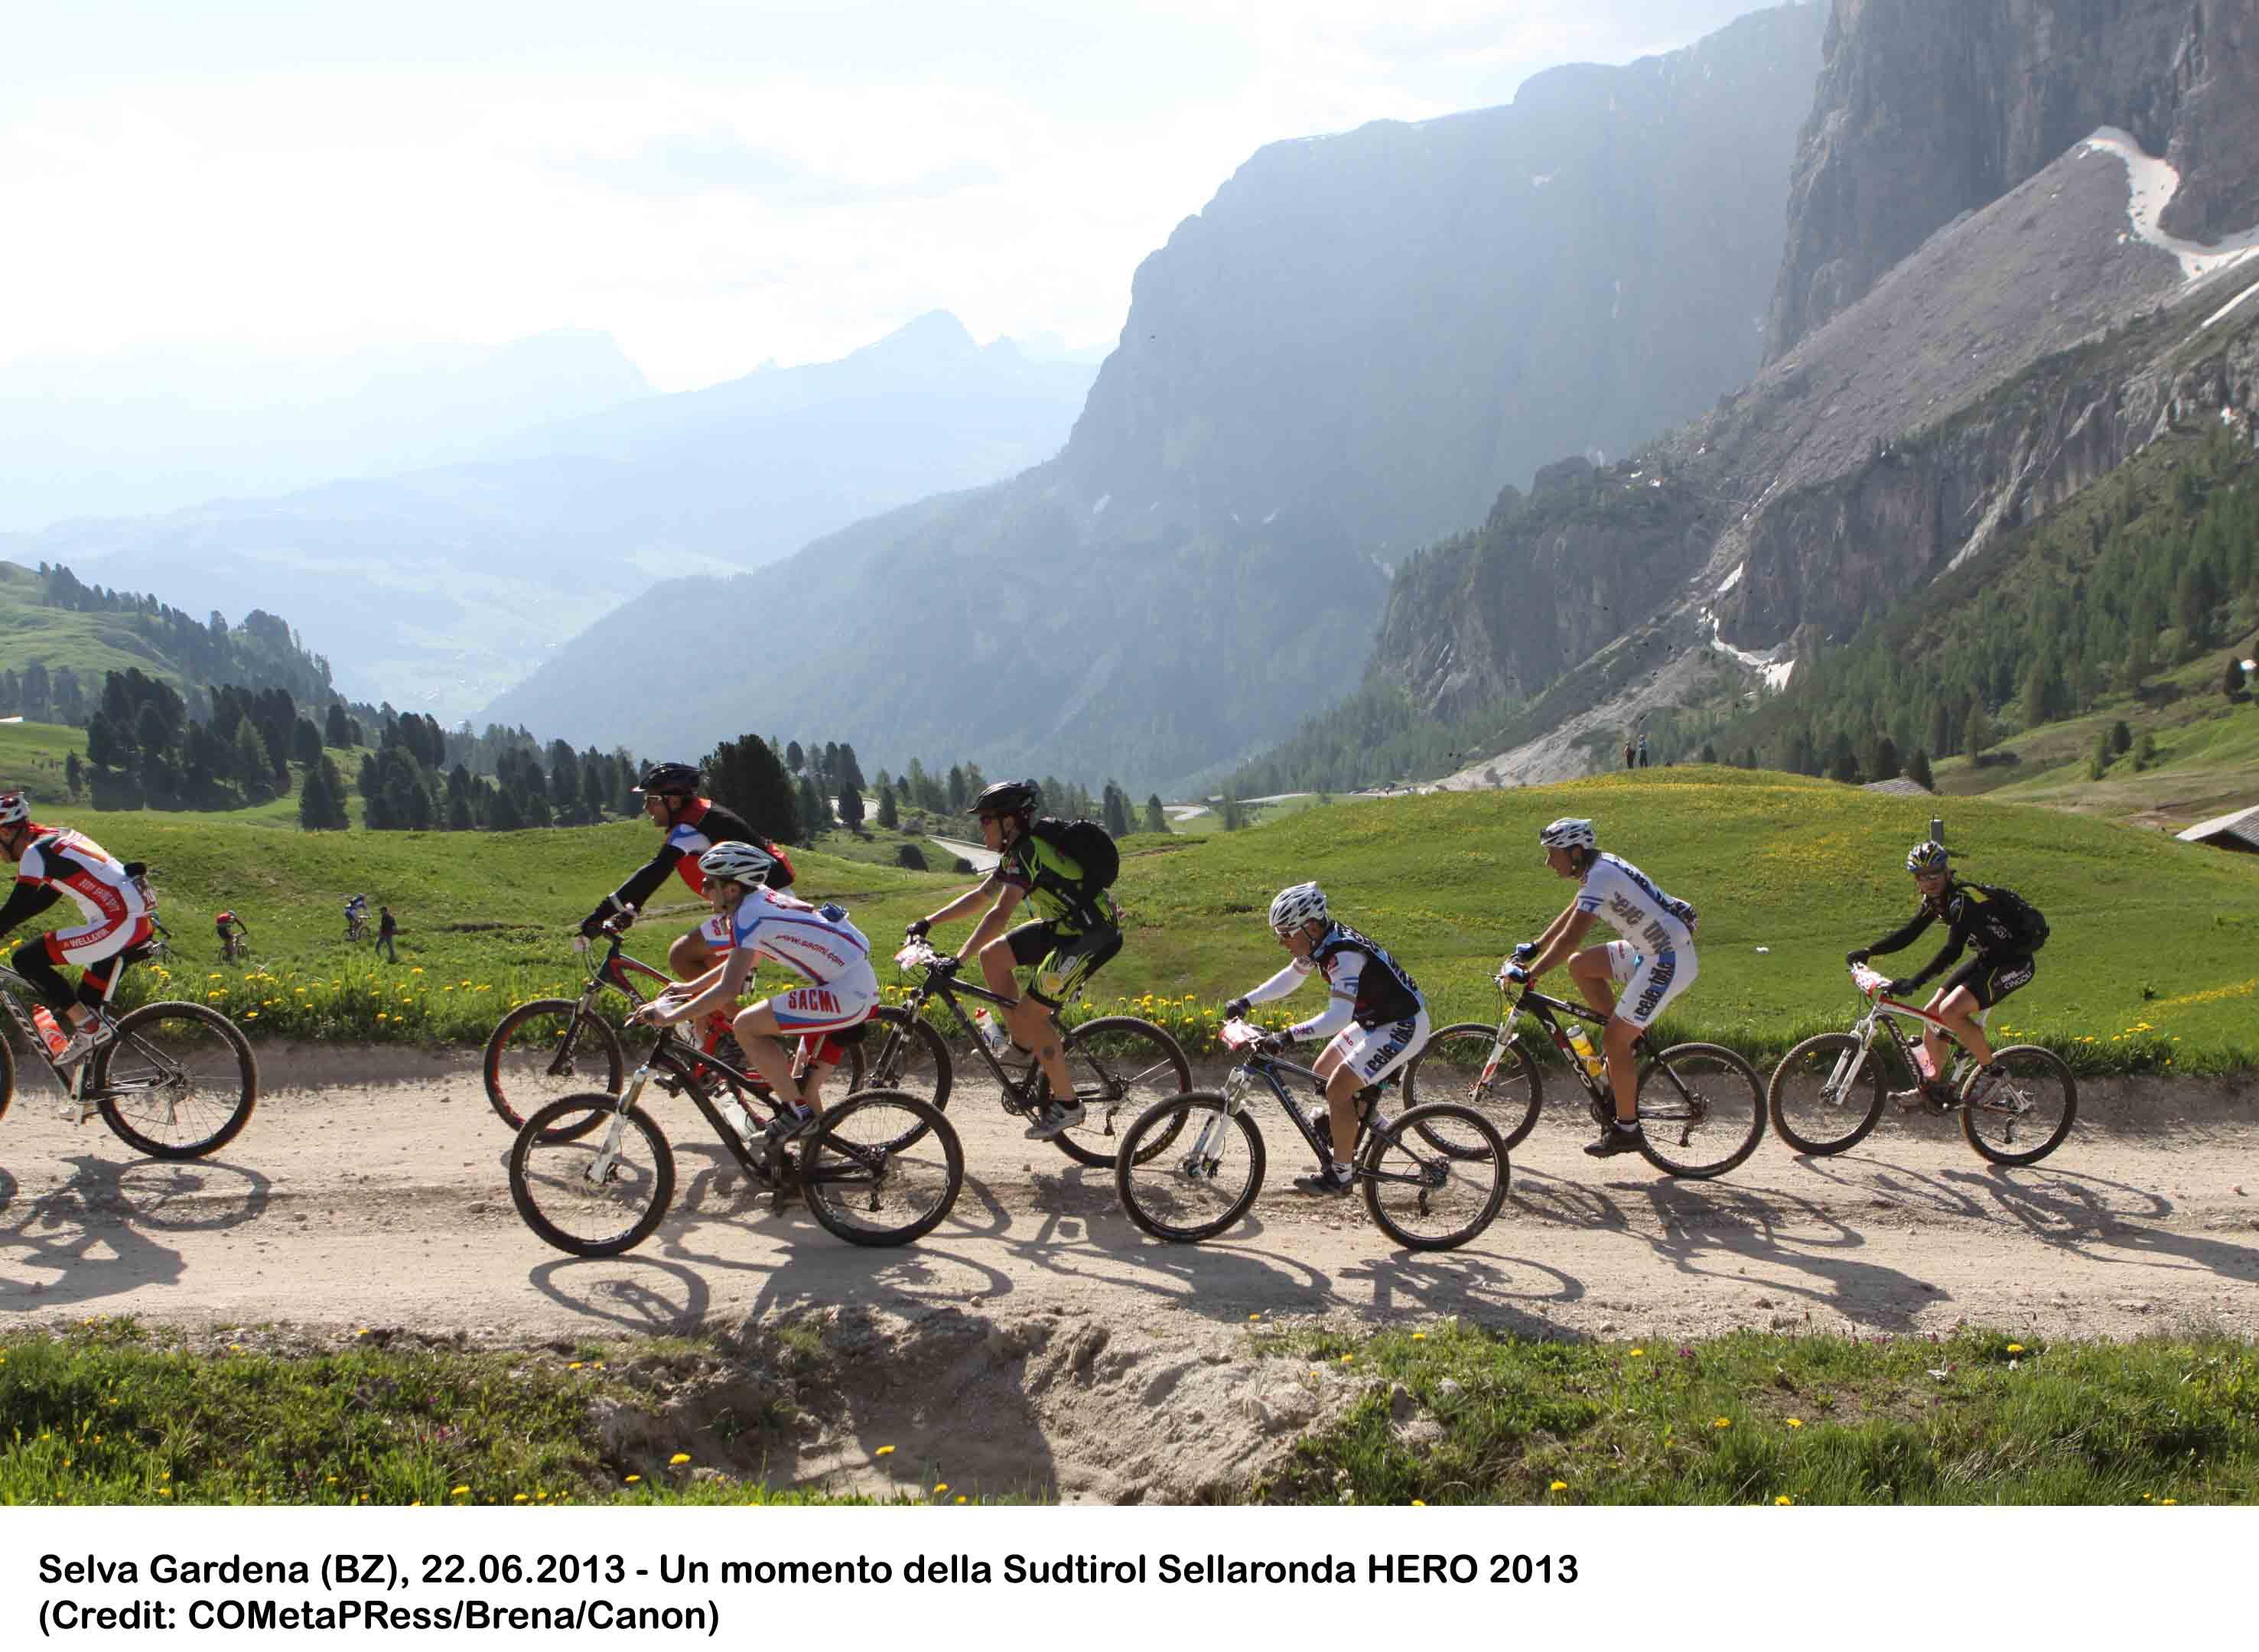 Südtirol Sellaronda Hero: 3700 iscritti